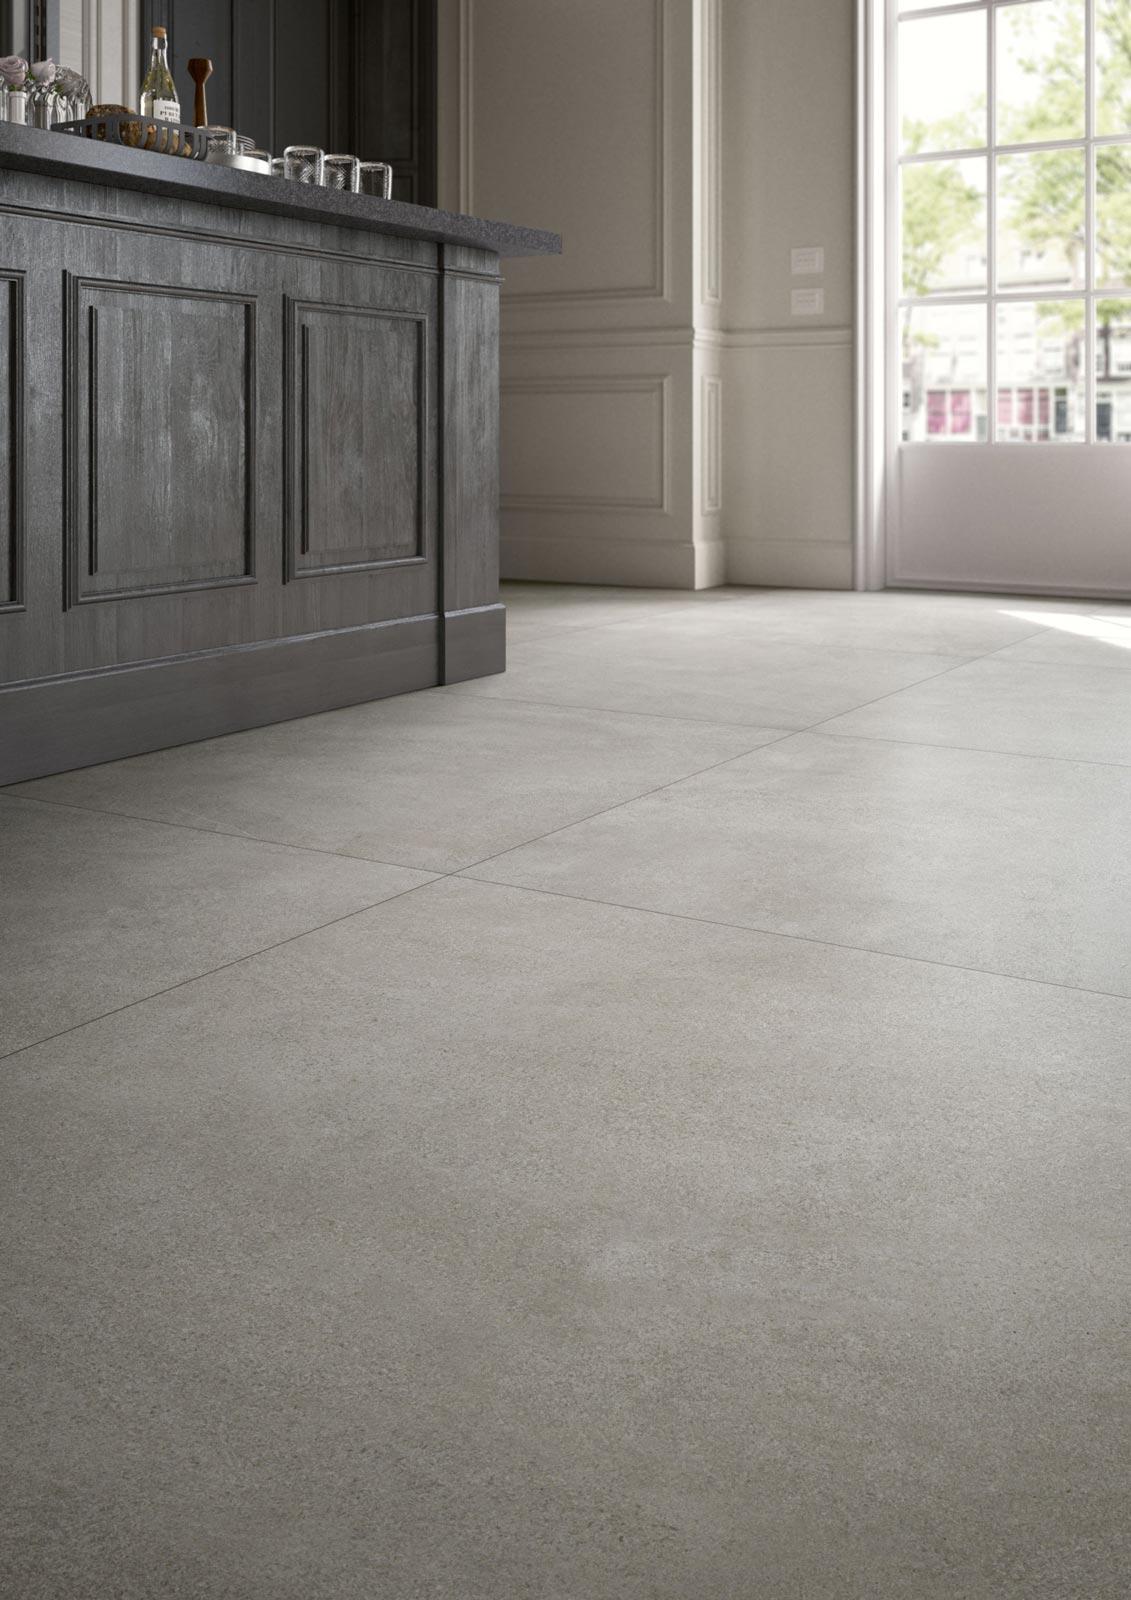 Gres porcellanato effetto pietra marazzi for Leroy merlin pavimenti gres